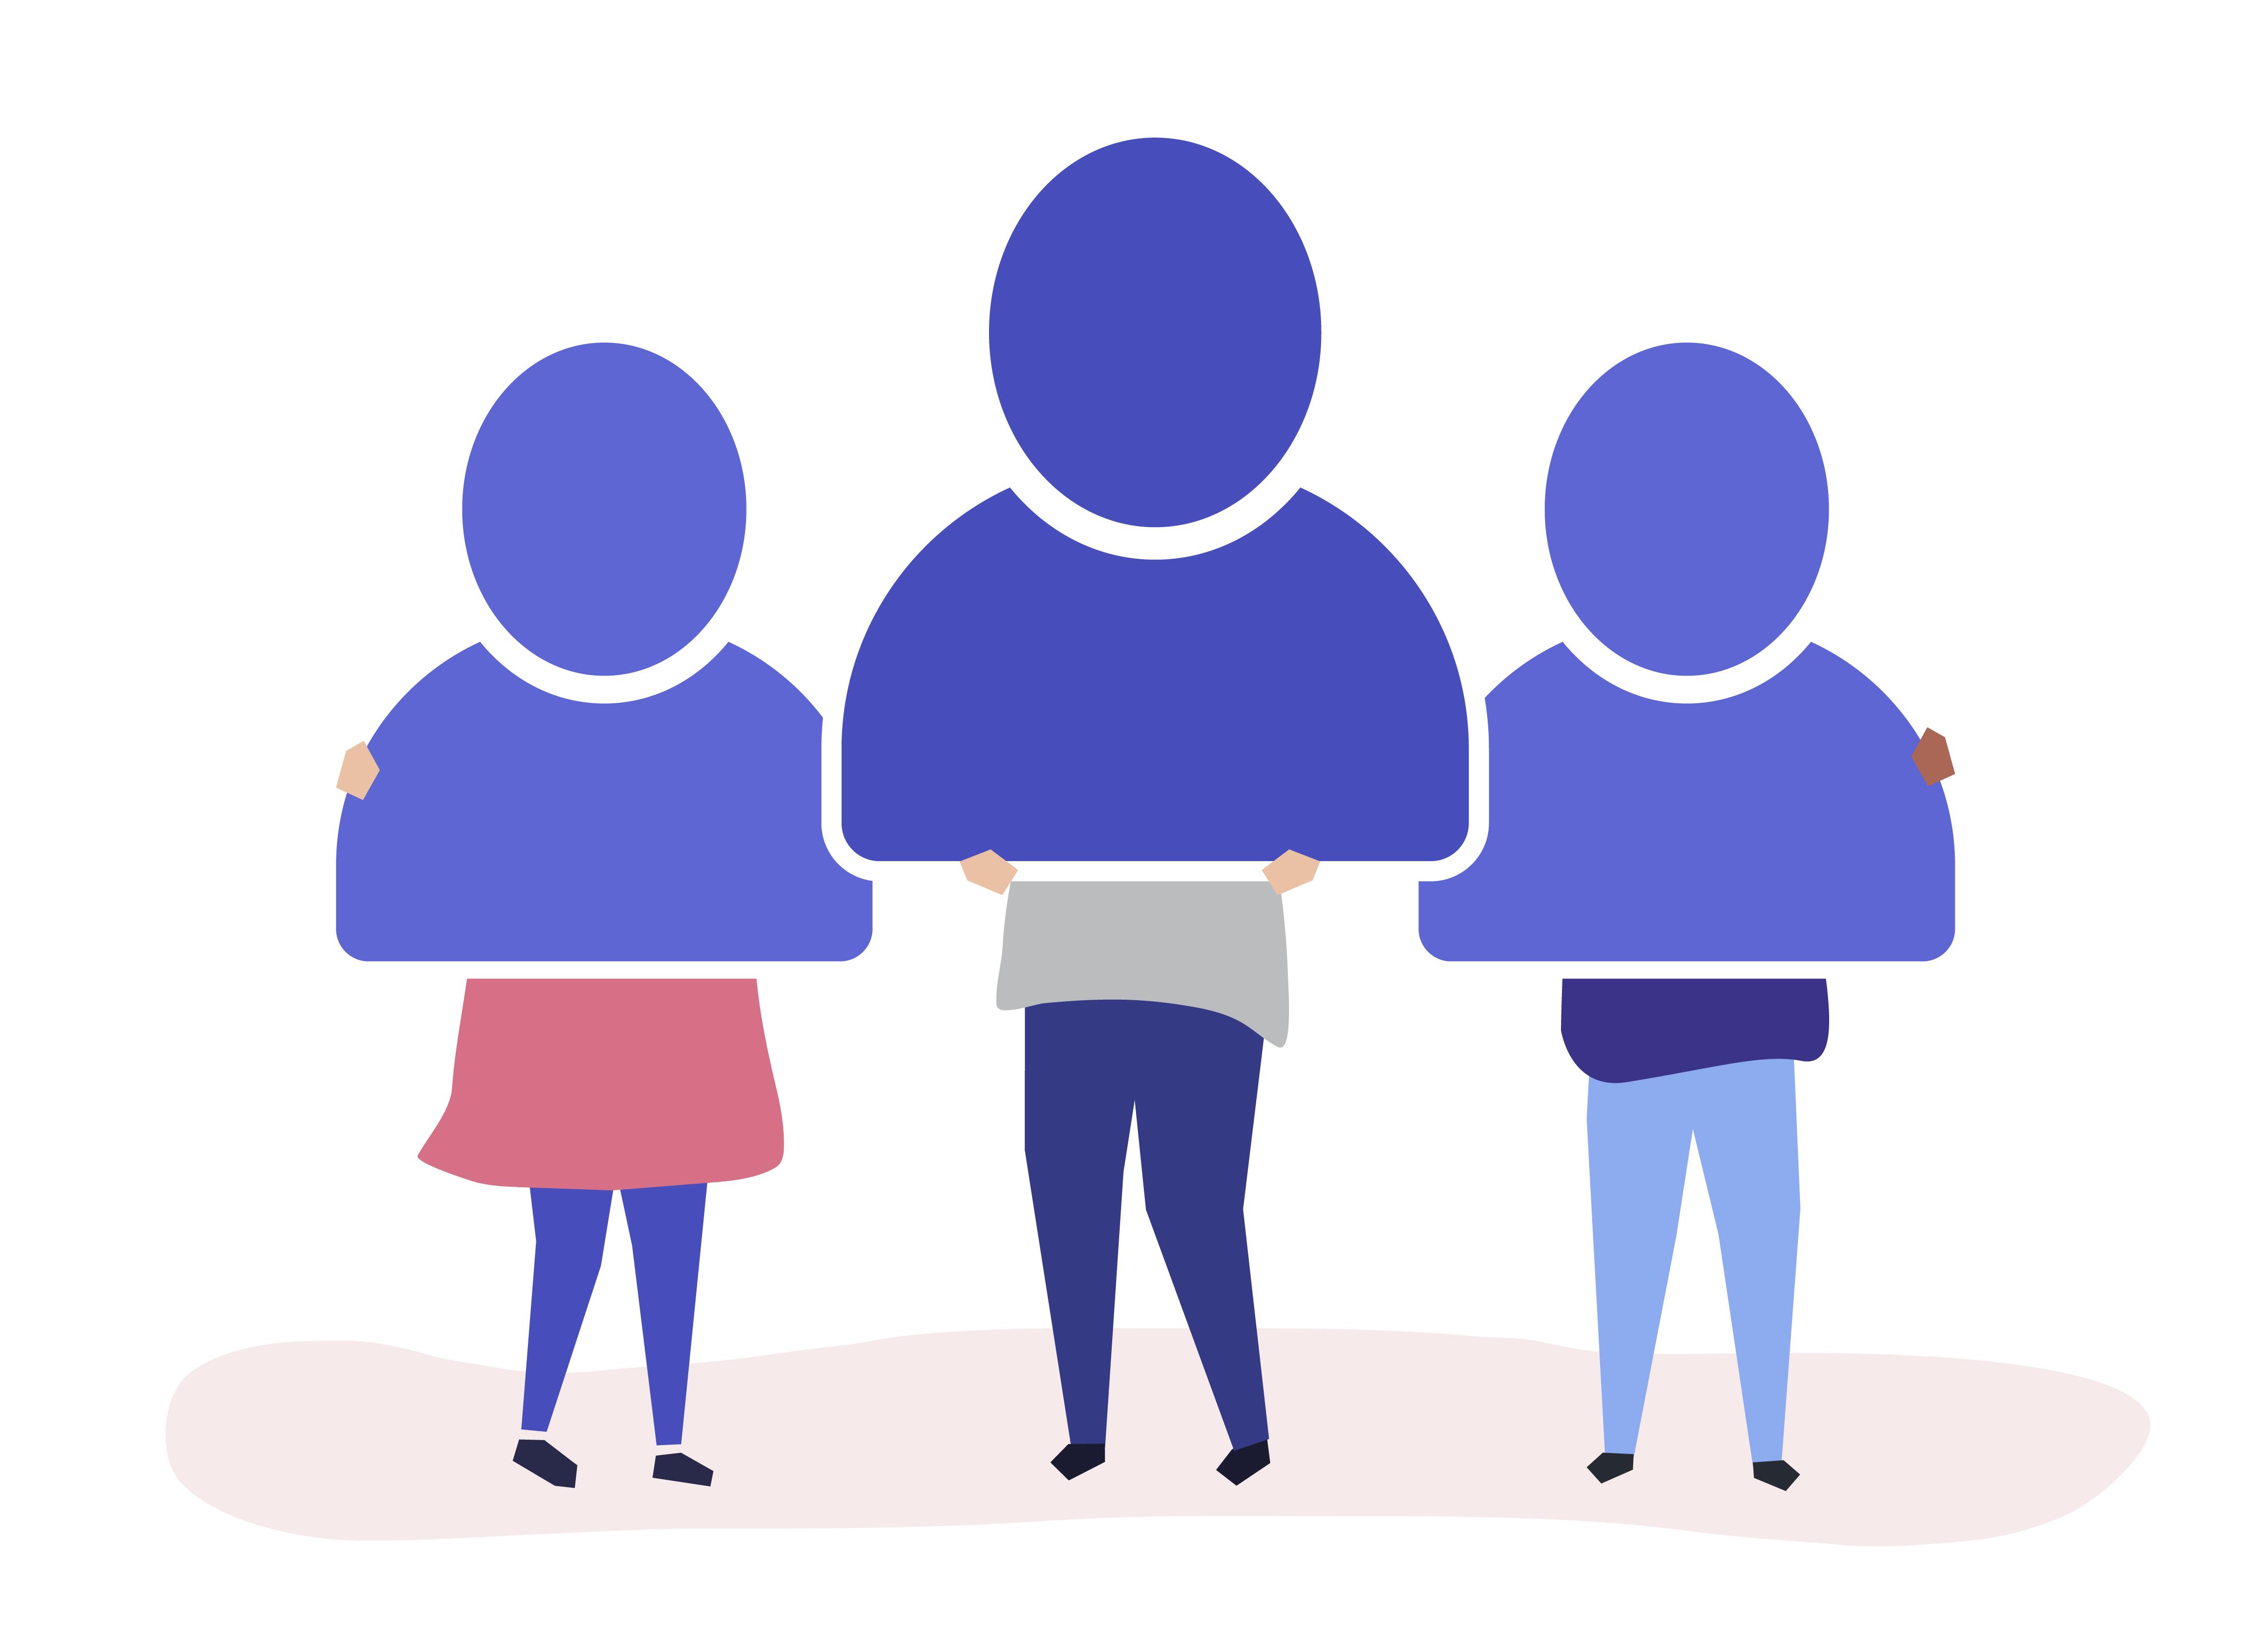 Papel do RH nas empresas: função e importância dos recursos humanos